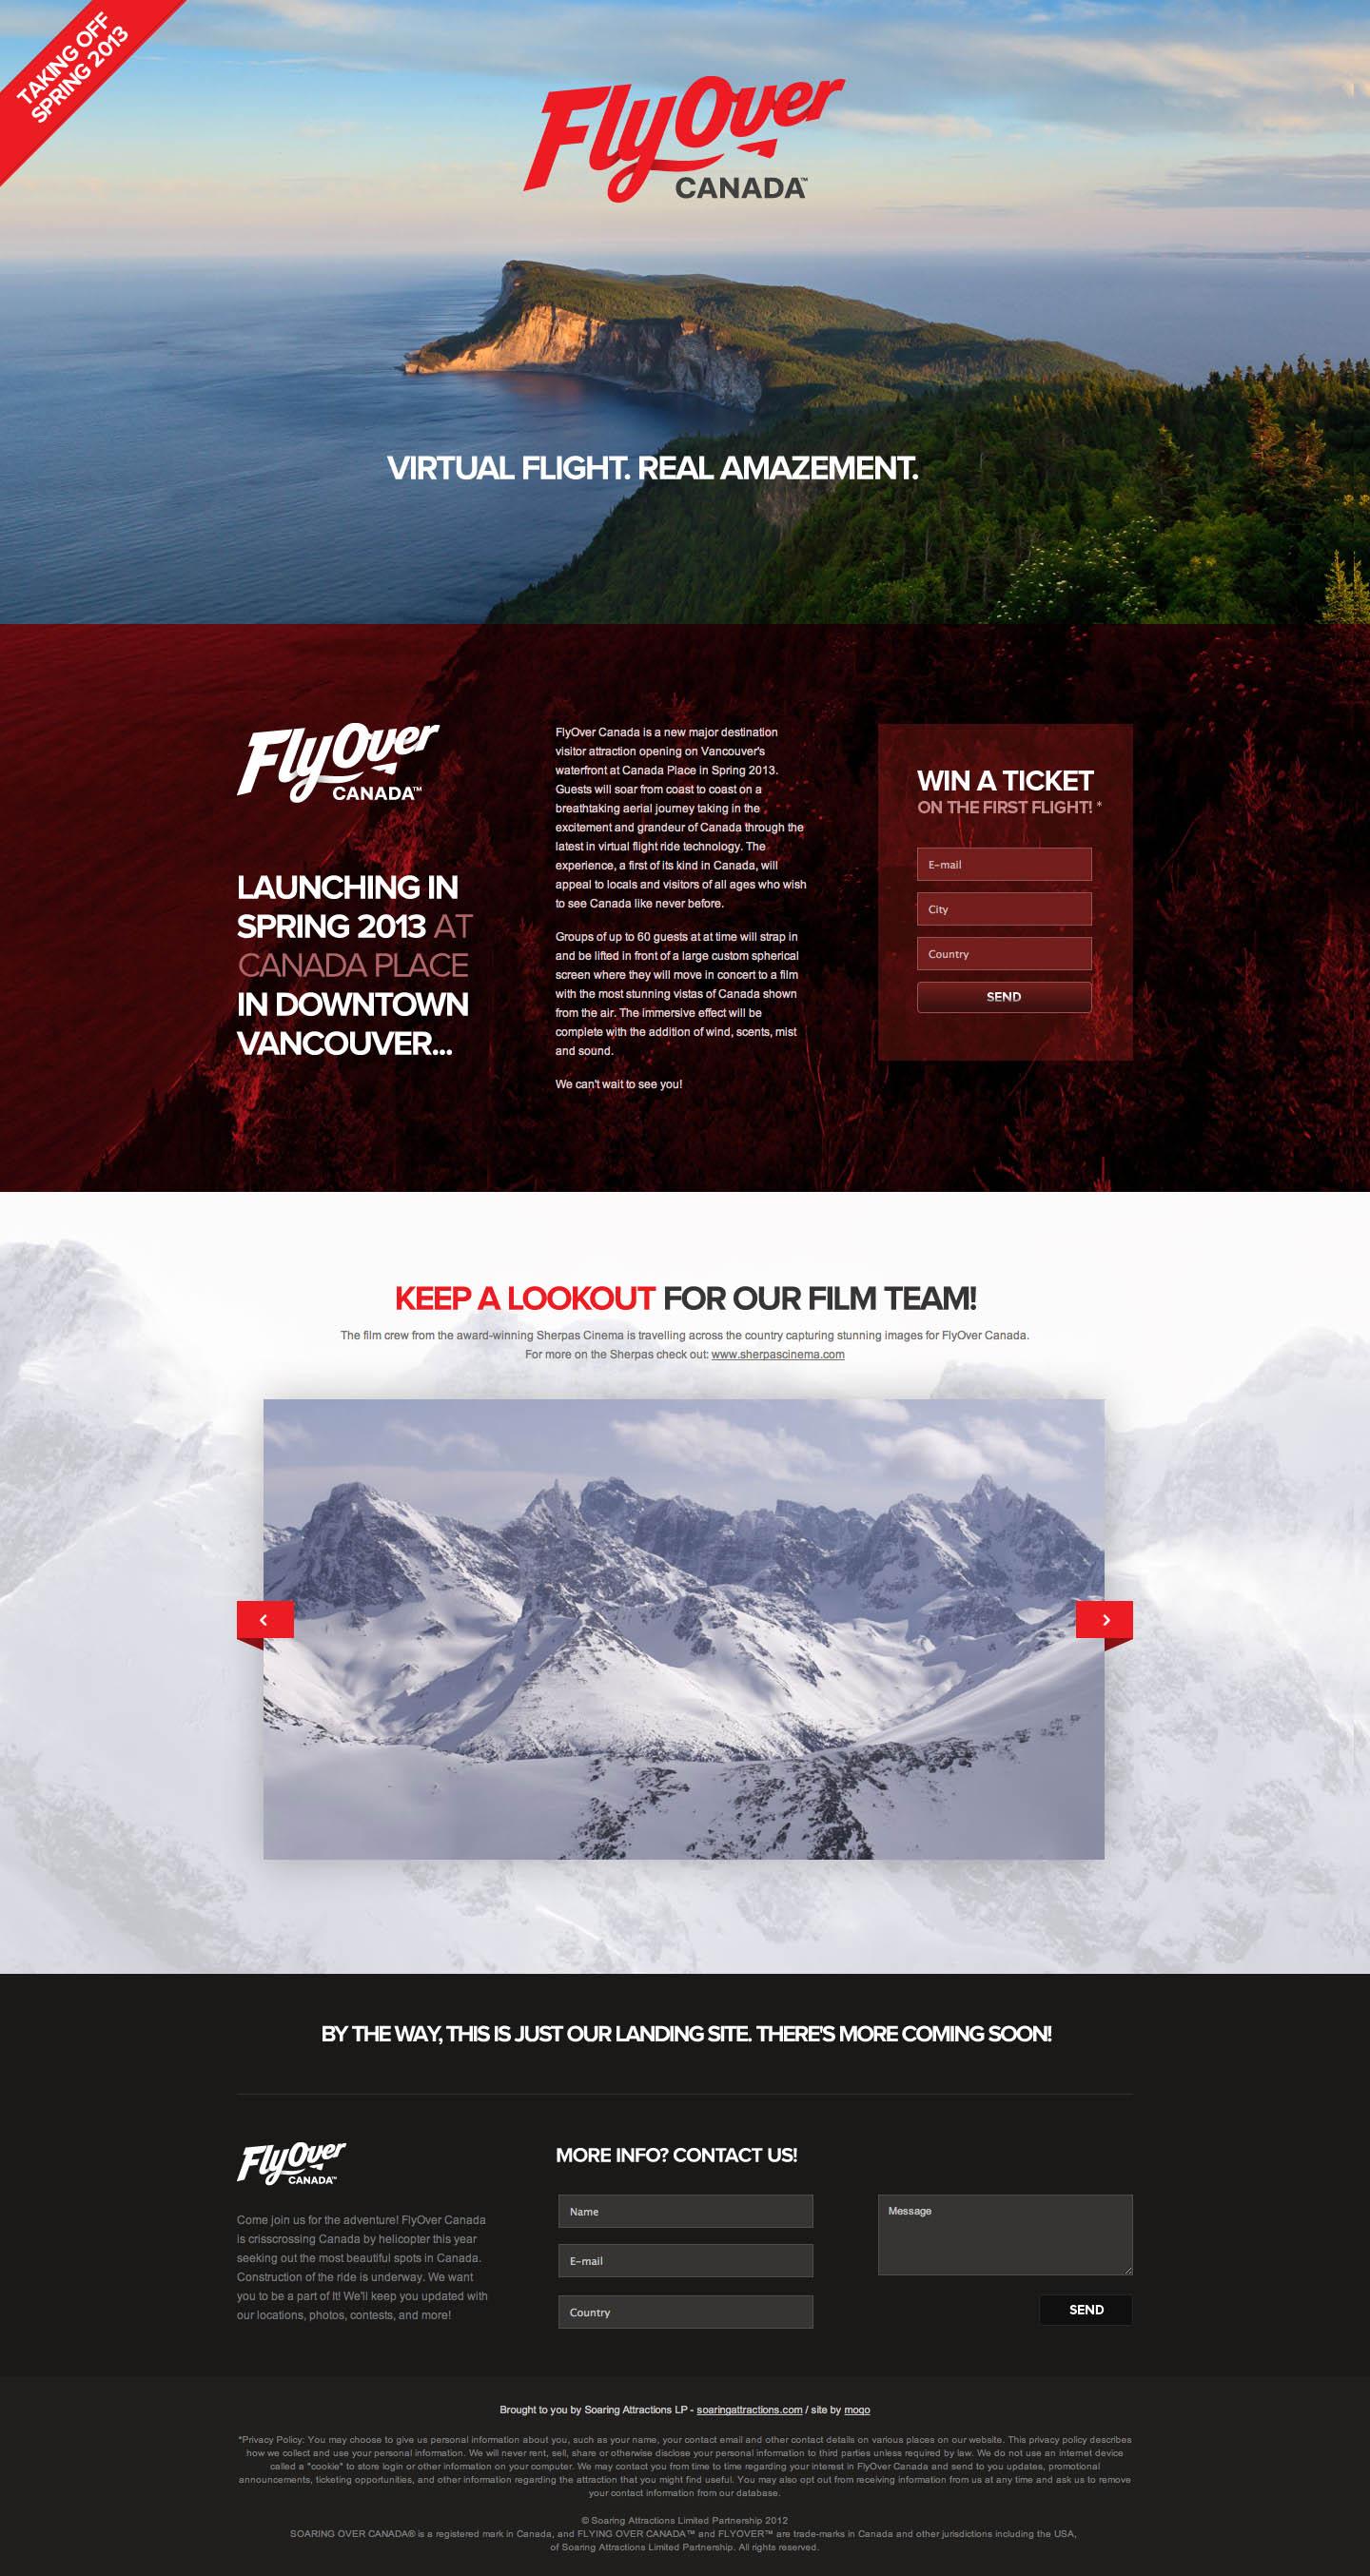 FlyOver Canada Website Screenshot